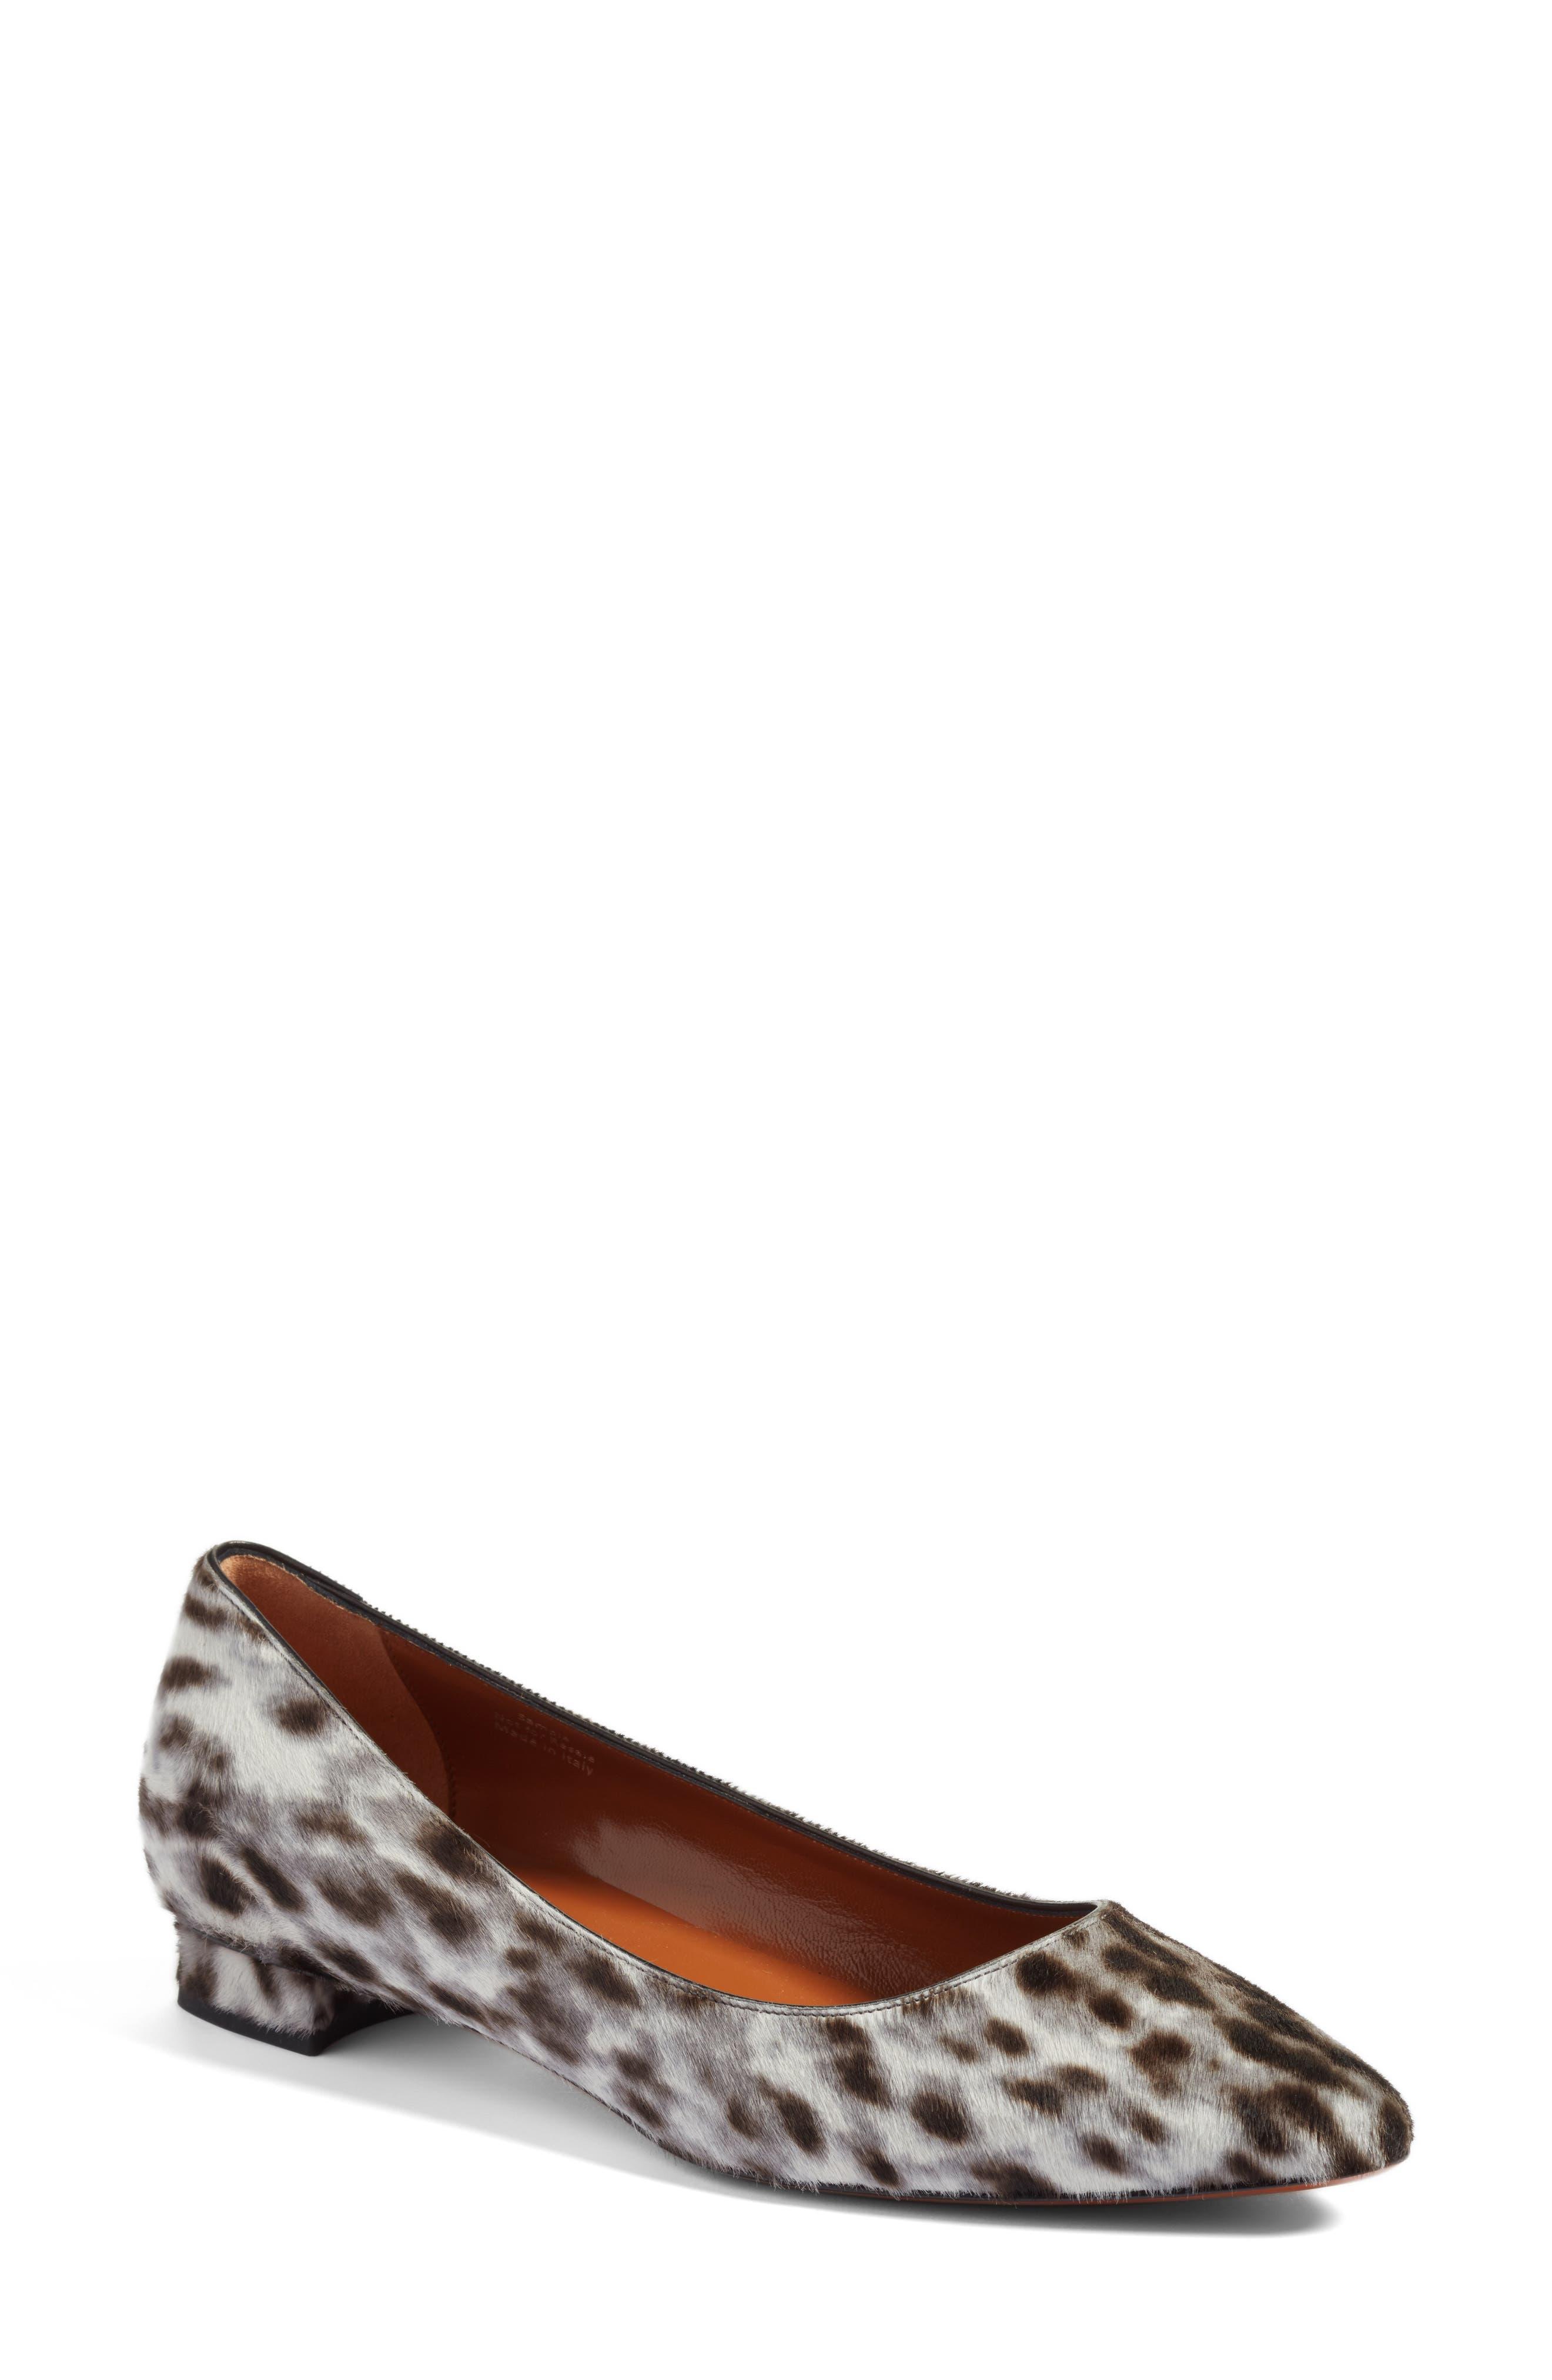 Aquatalia Perla Weatherproof Genuine Calf Hair Ballerina Shoe (Women)